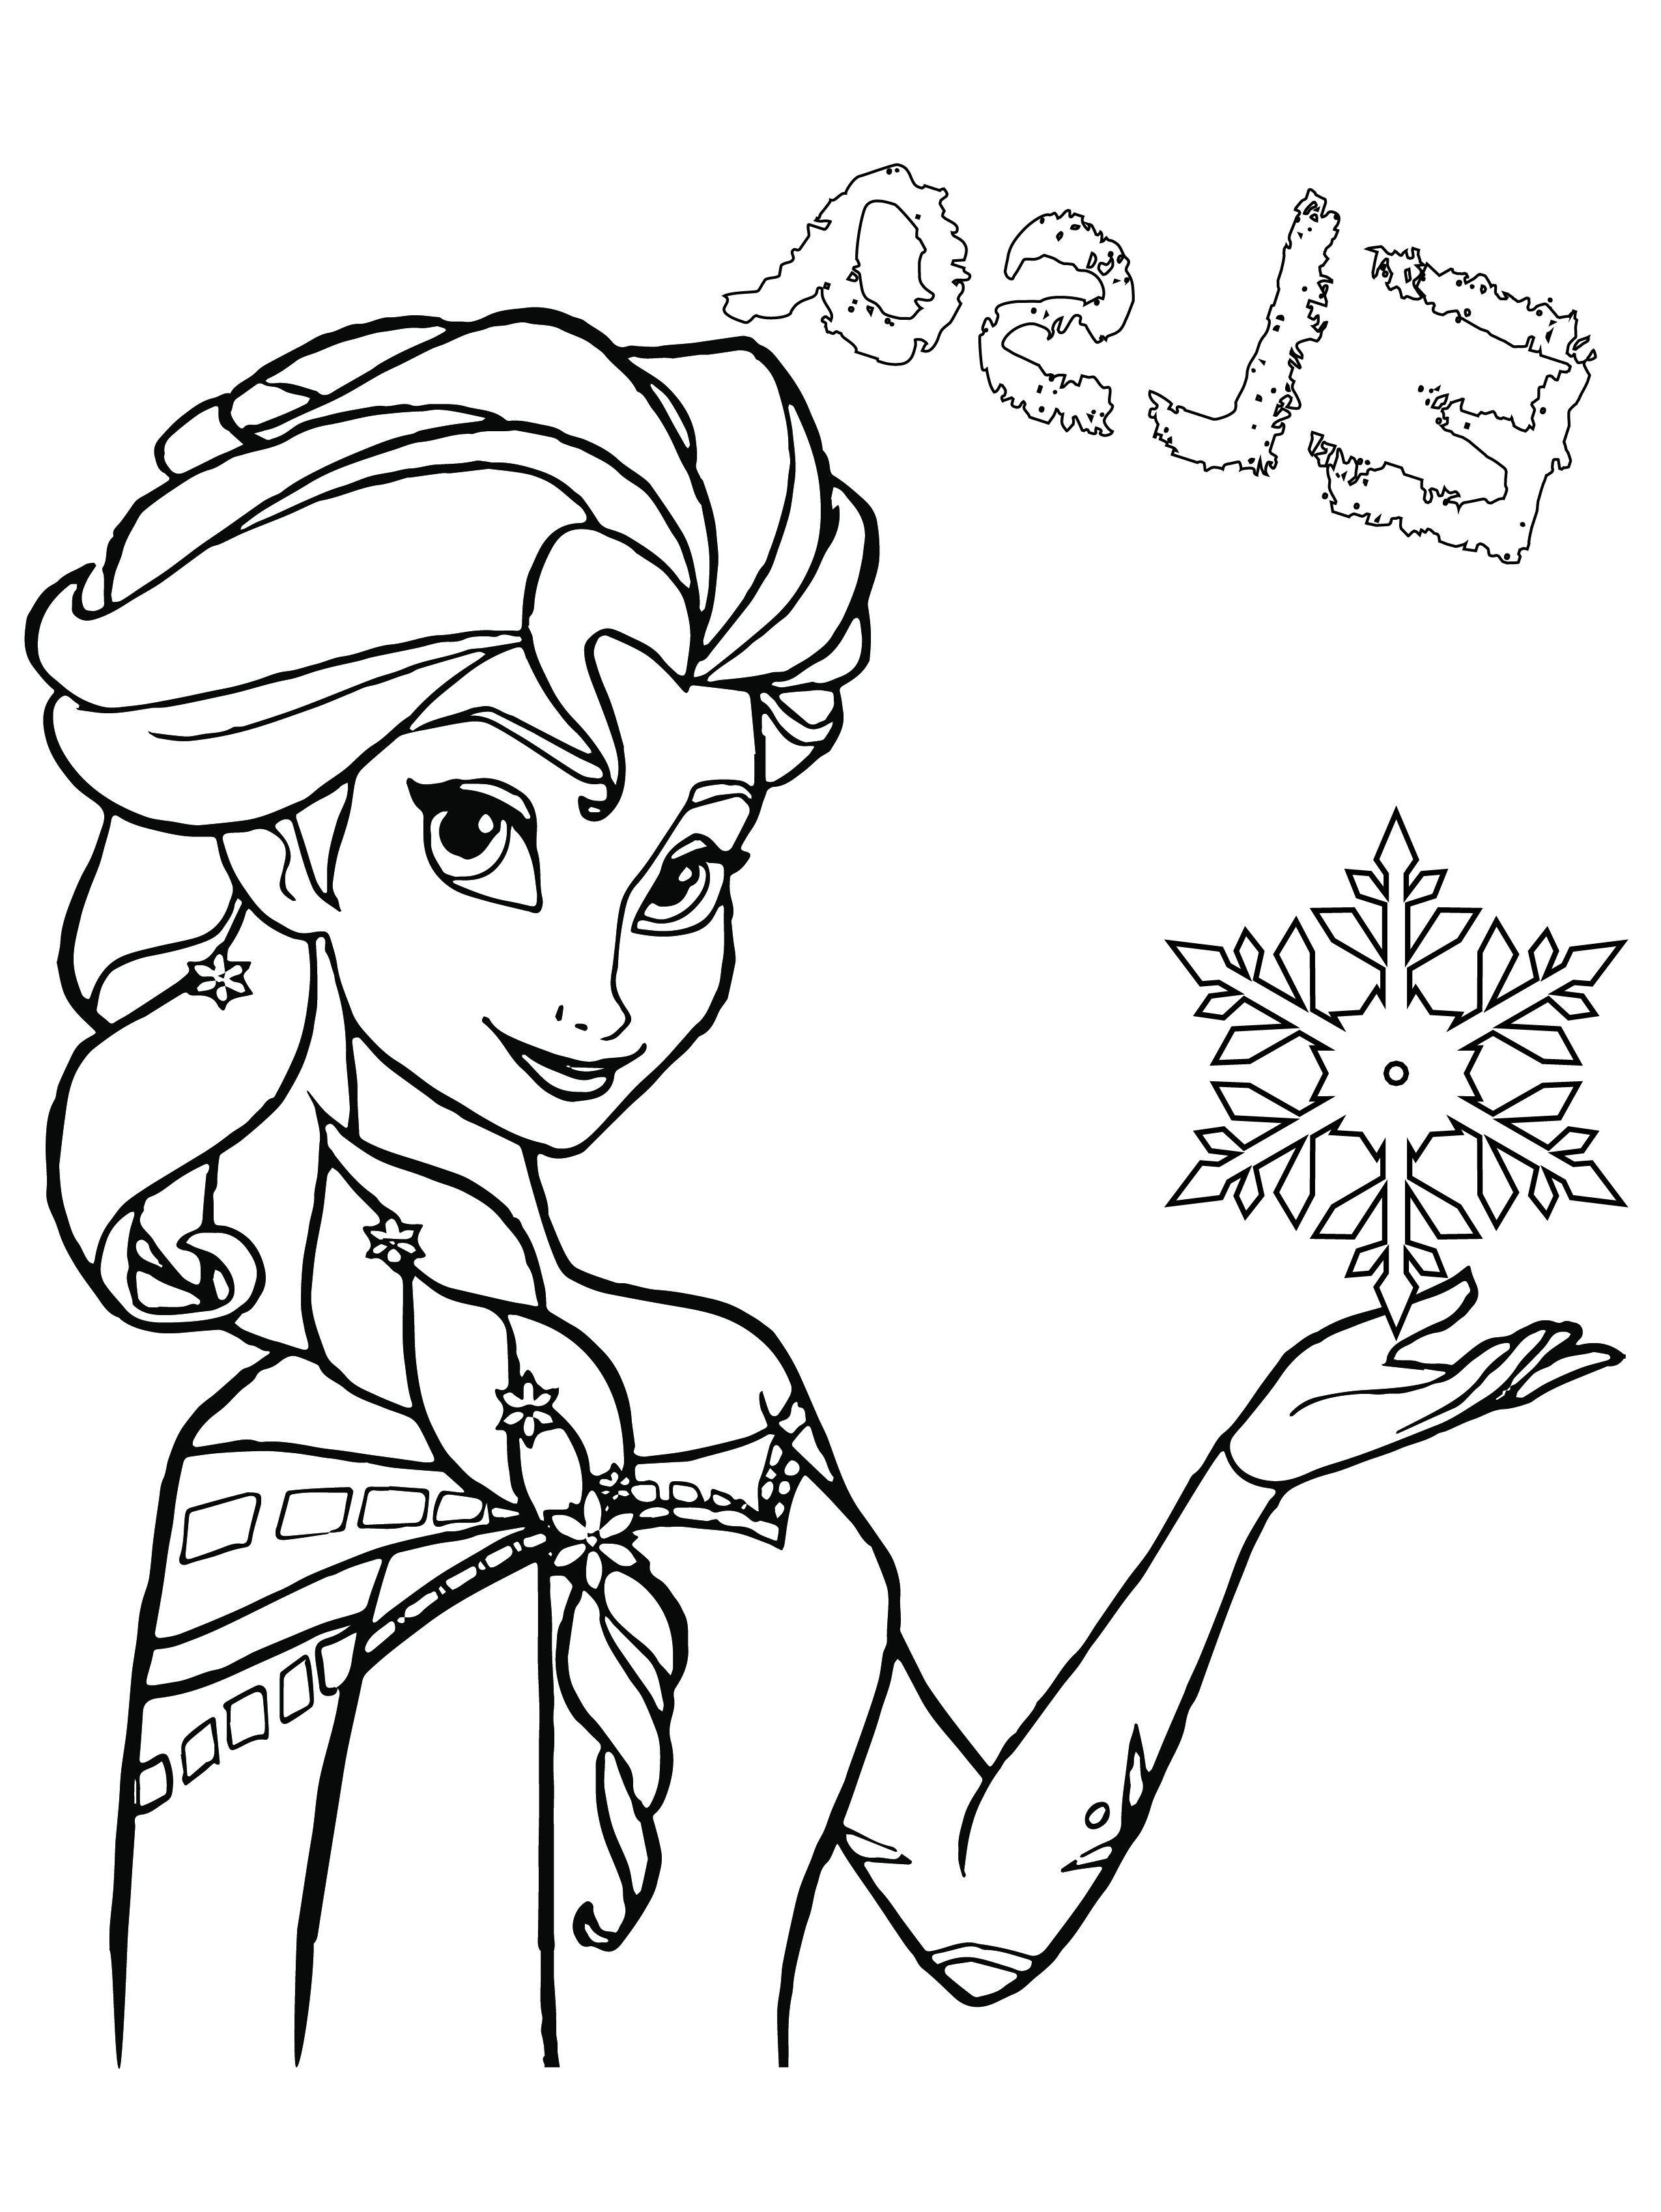 Coloriage A Imprimer Gratuit Elsa La Reine Des Neiges New